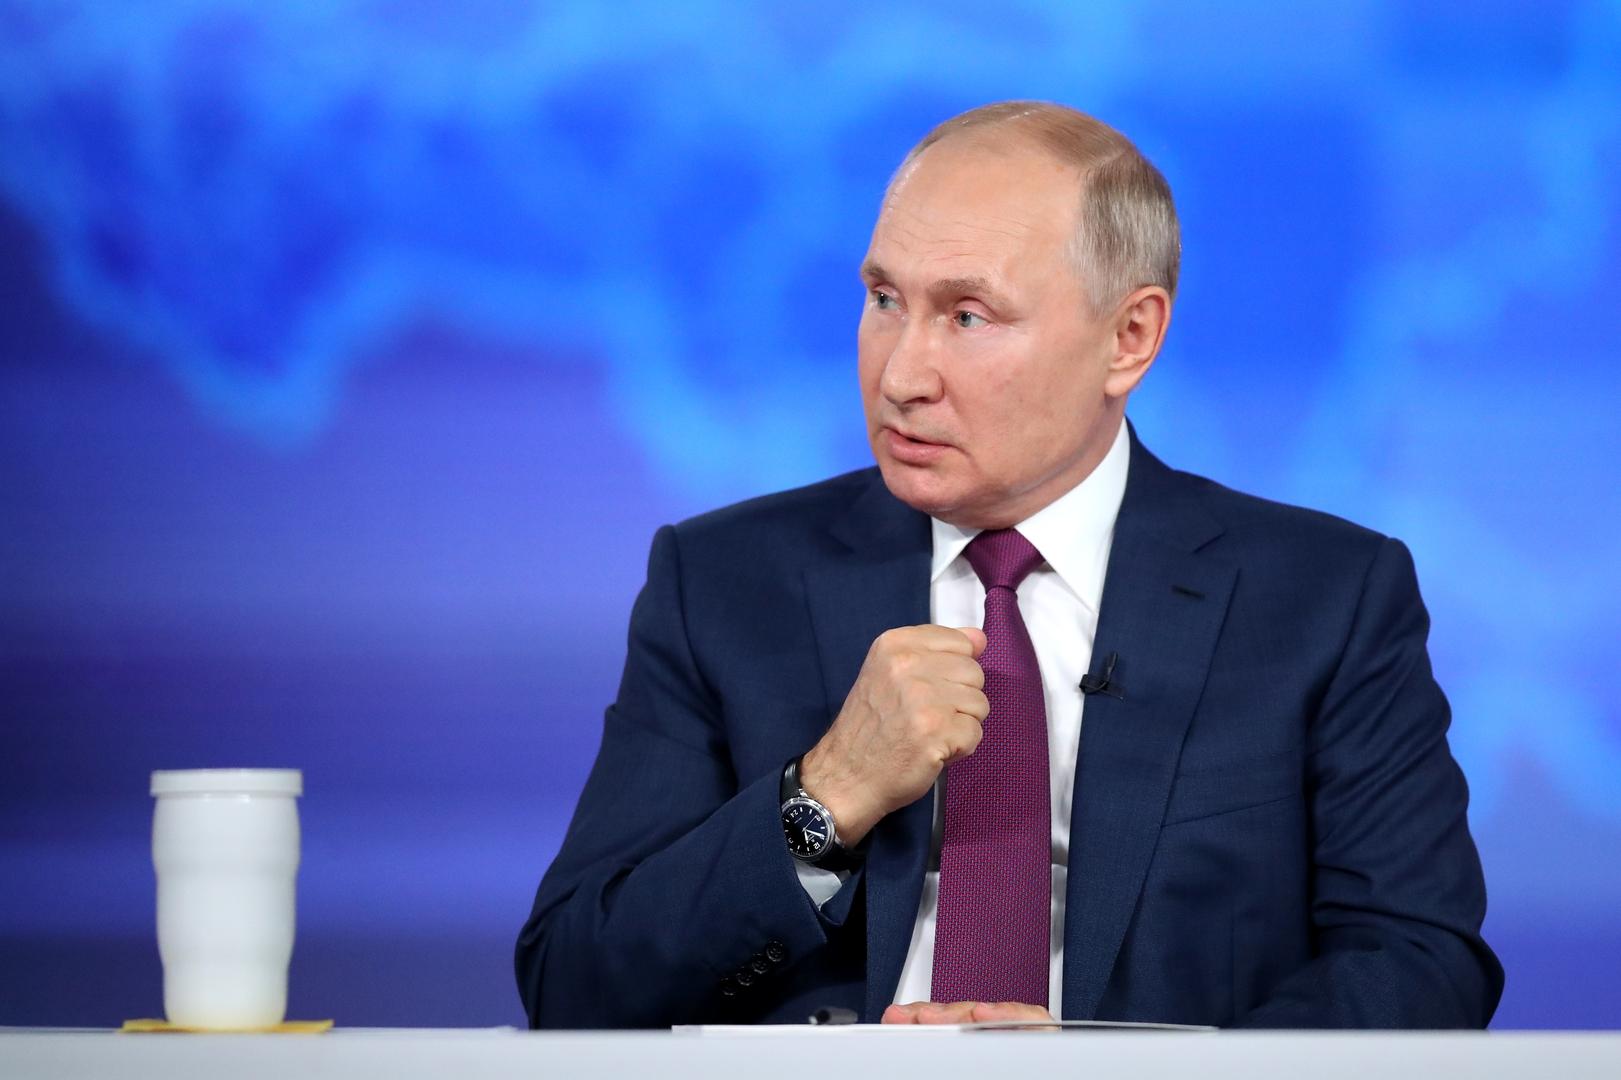 بوتين: احتياطي الذهب الرئيسي في روسيا هو شعبها